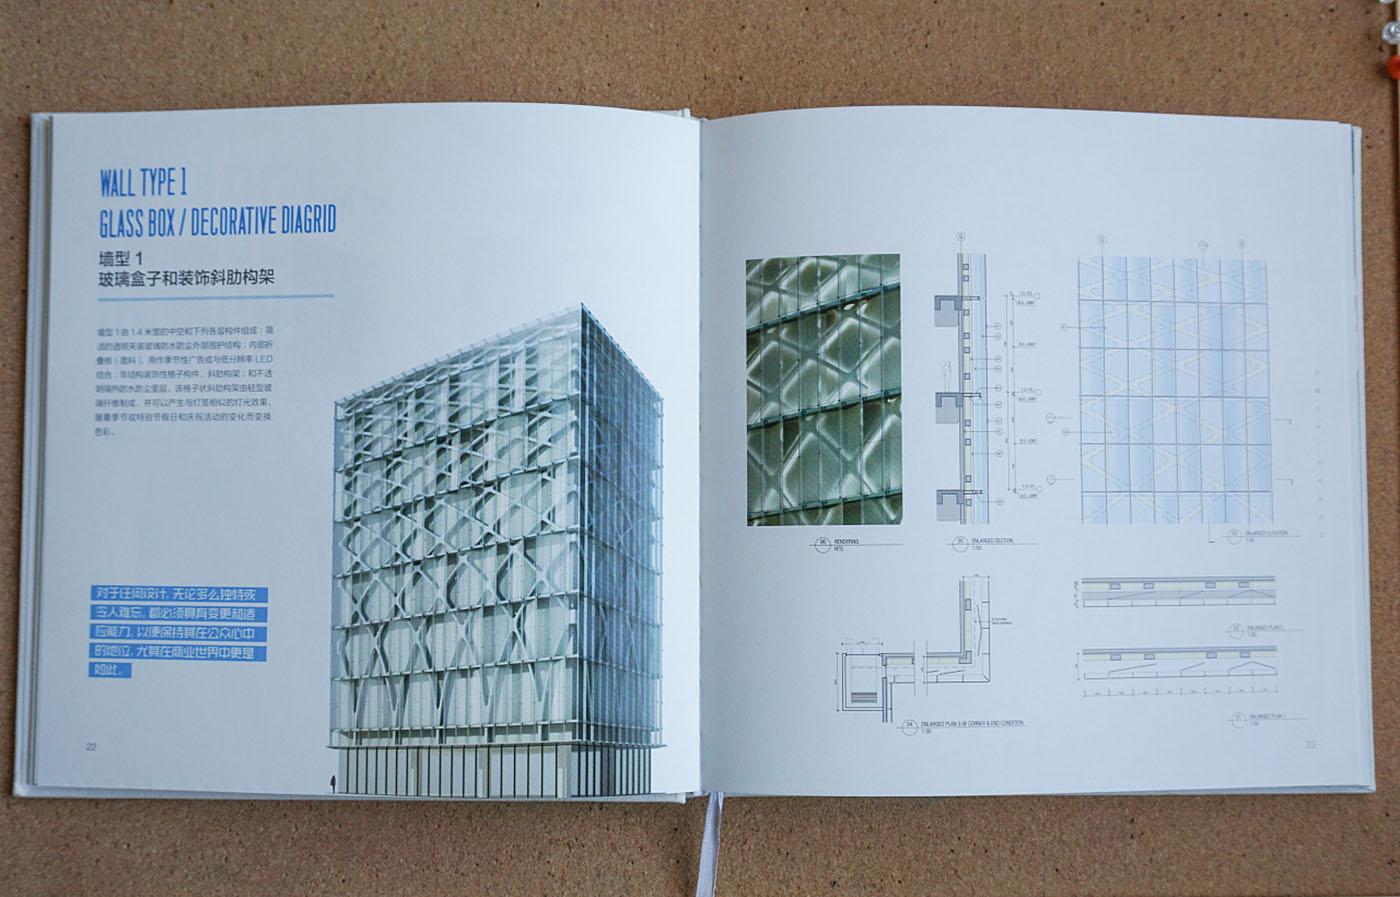 建筑企业纪念册设计-建筑行业纪念册设计公司